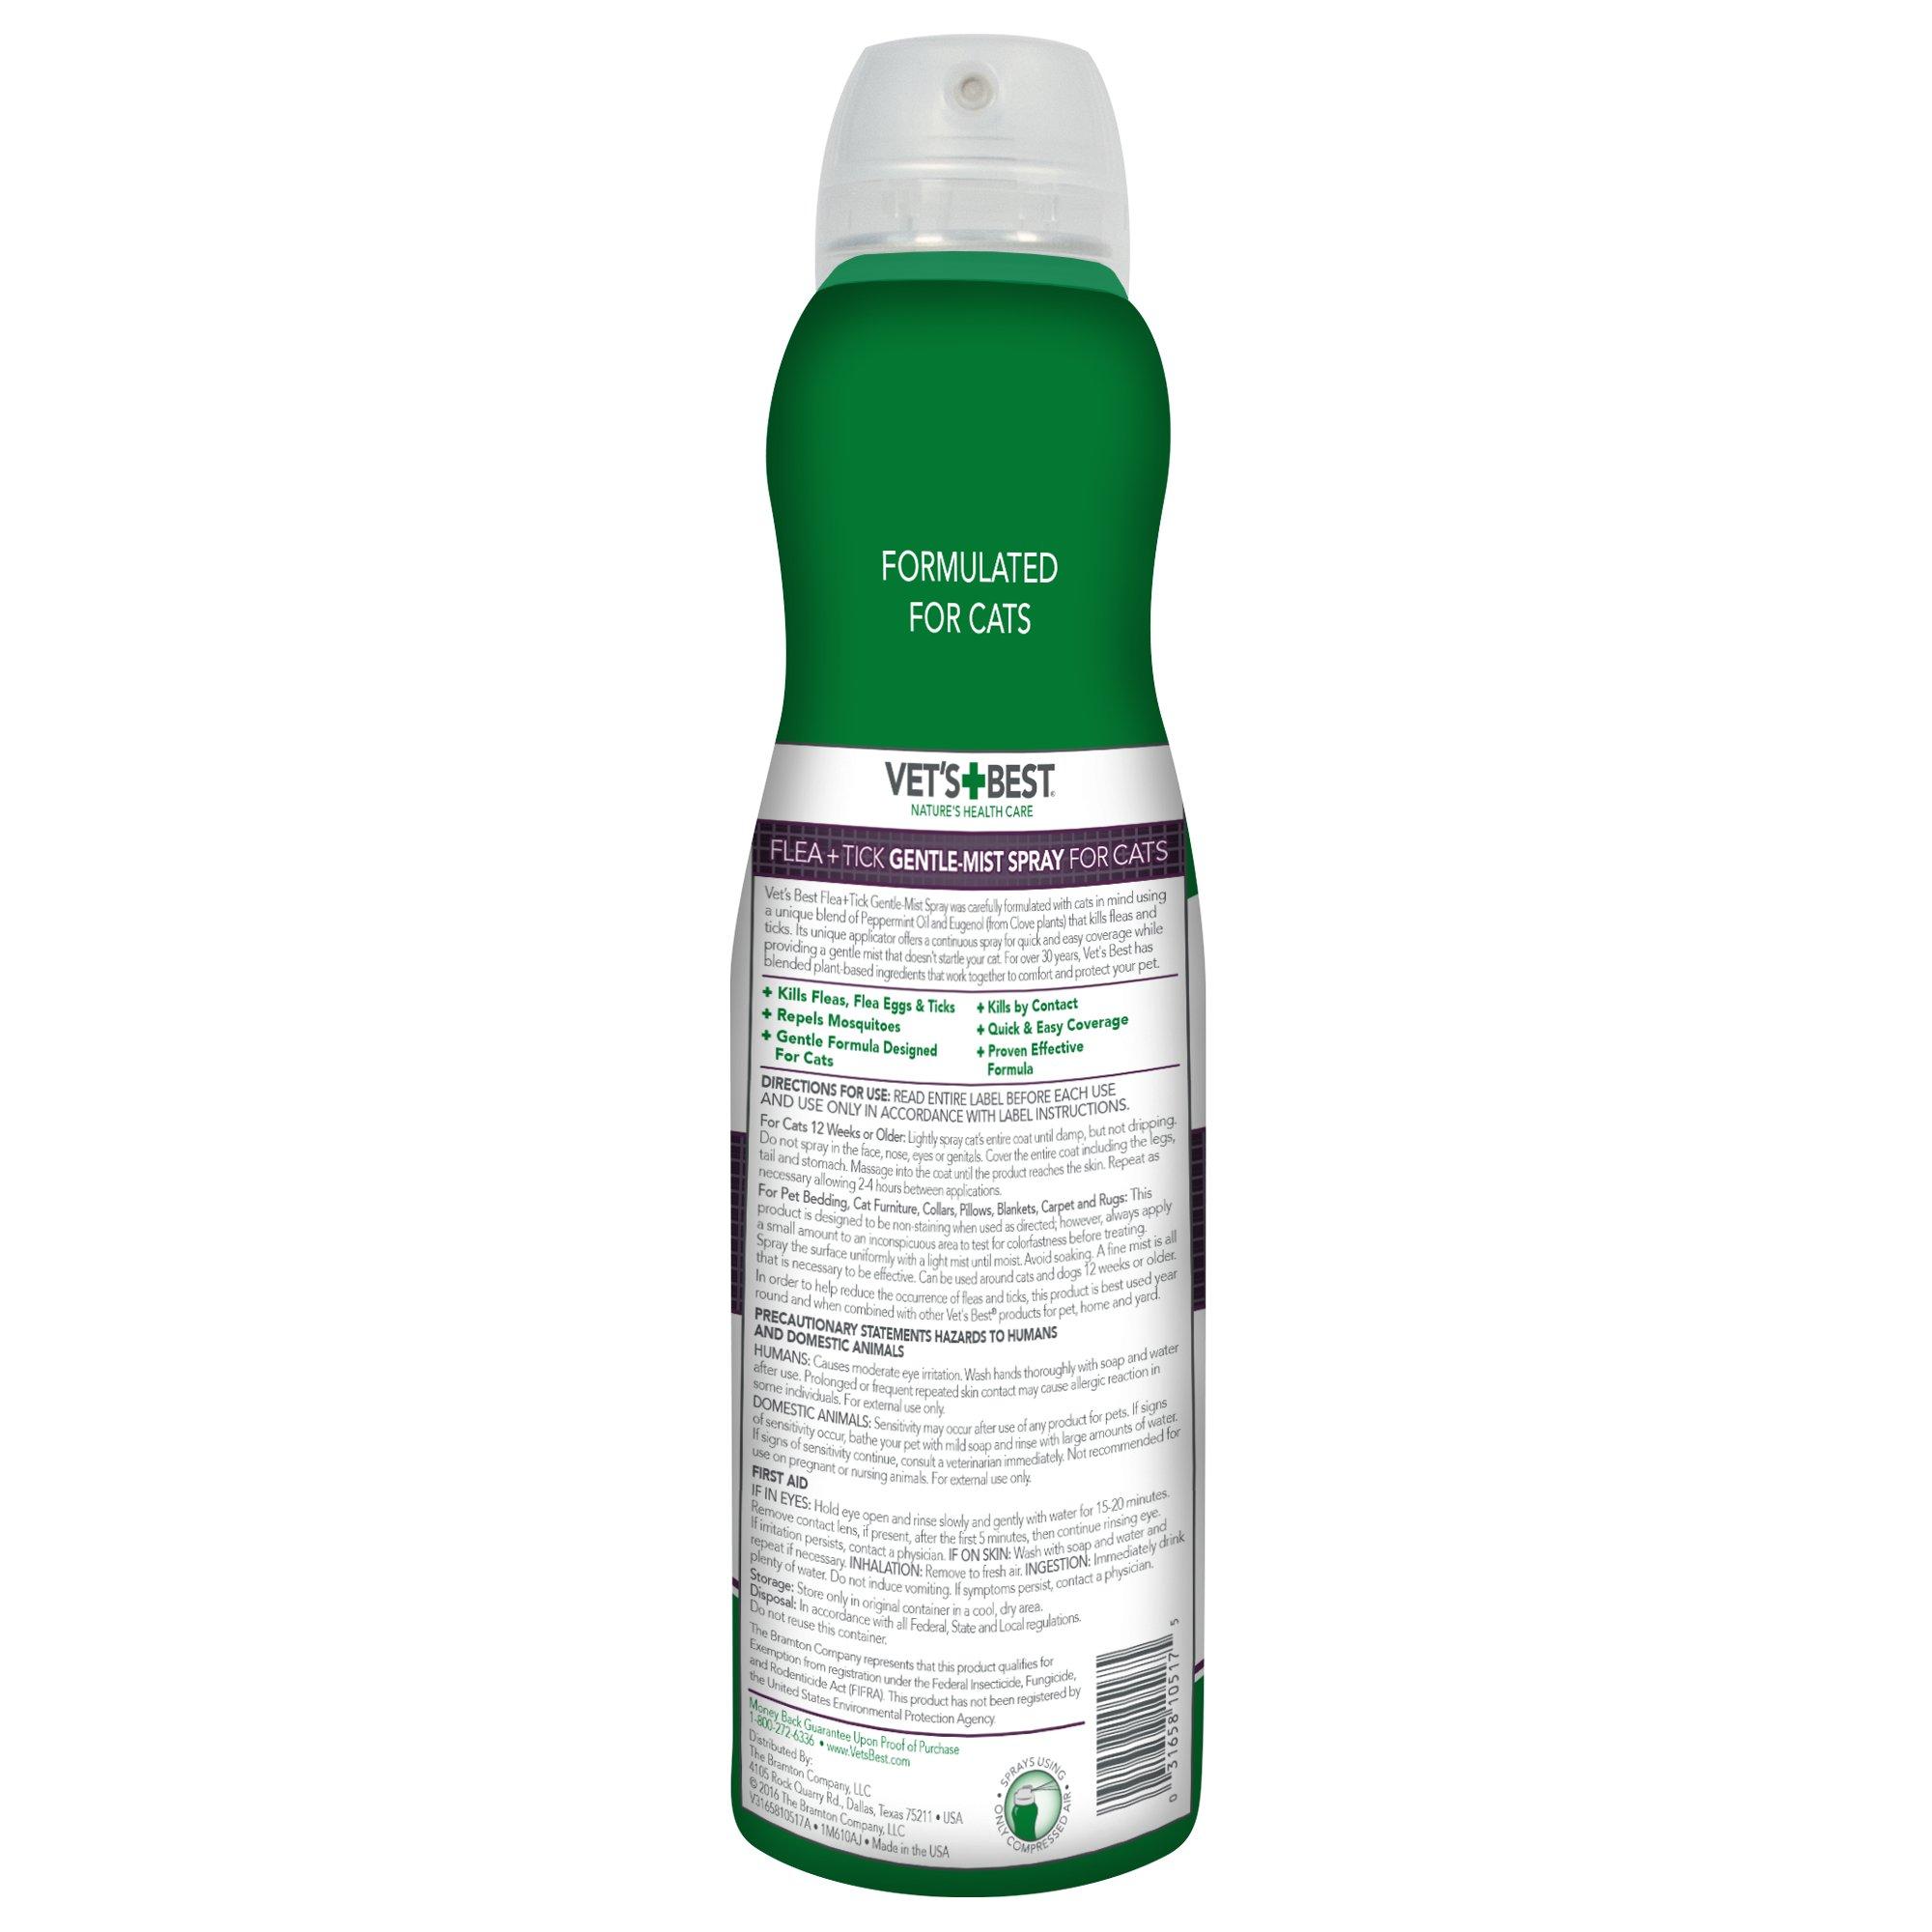 Vet's Best Flea & Tick Gentle Mist Spray for Cats, 6.3 oz